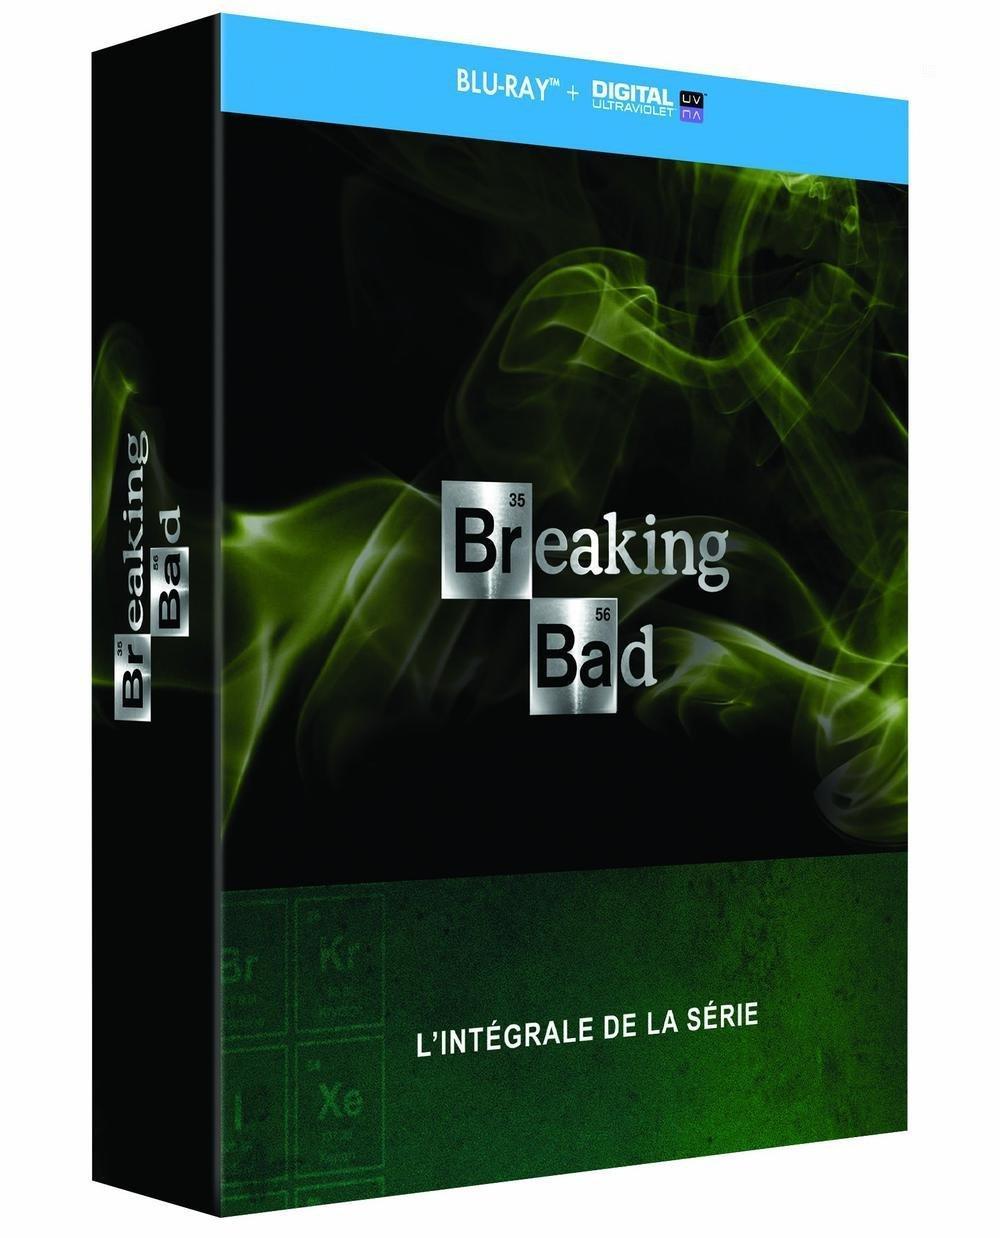 Coffret Intégrale Breaking Bad - DVD à 24.99€ et Blu-Ray